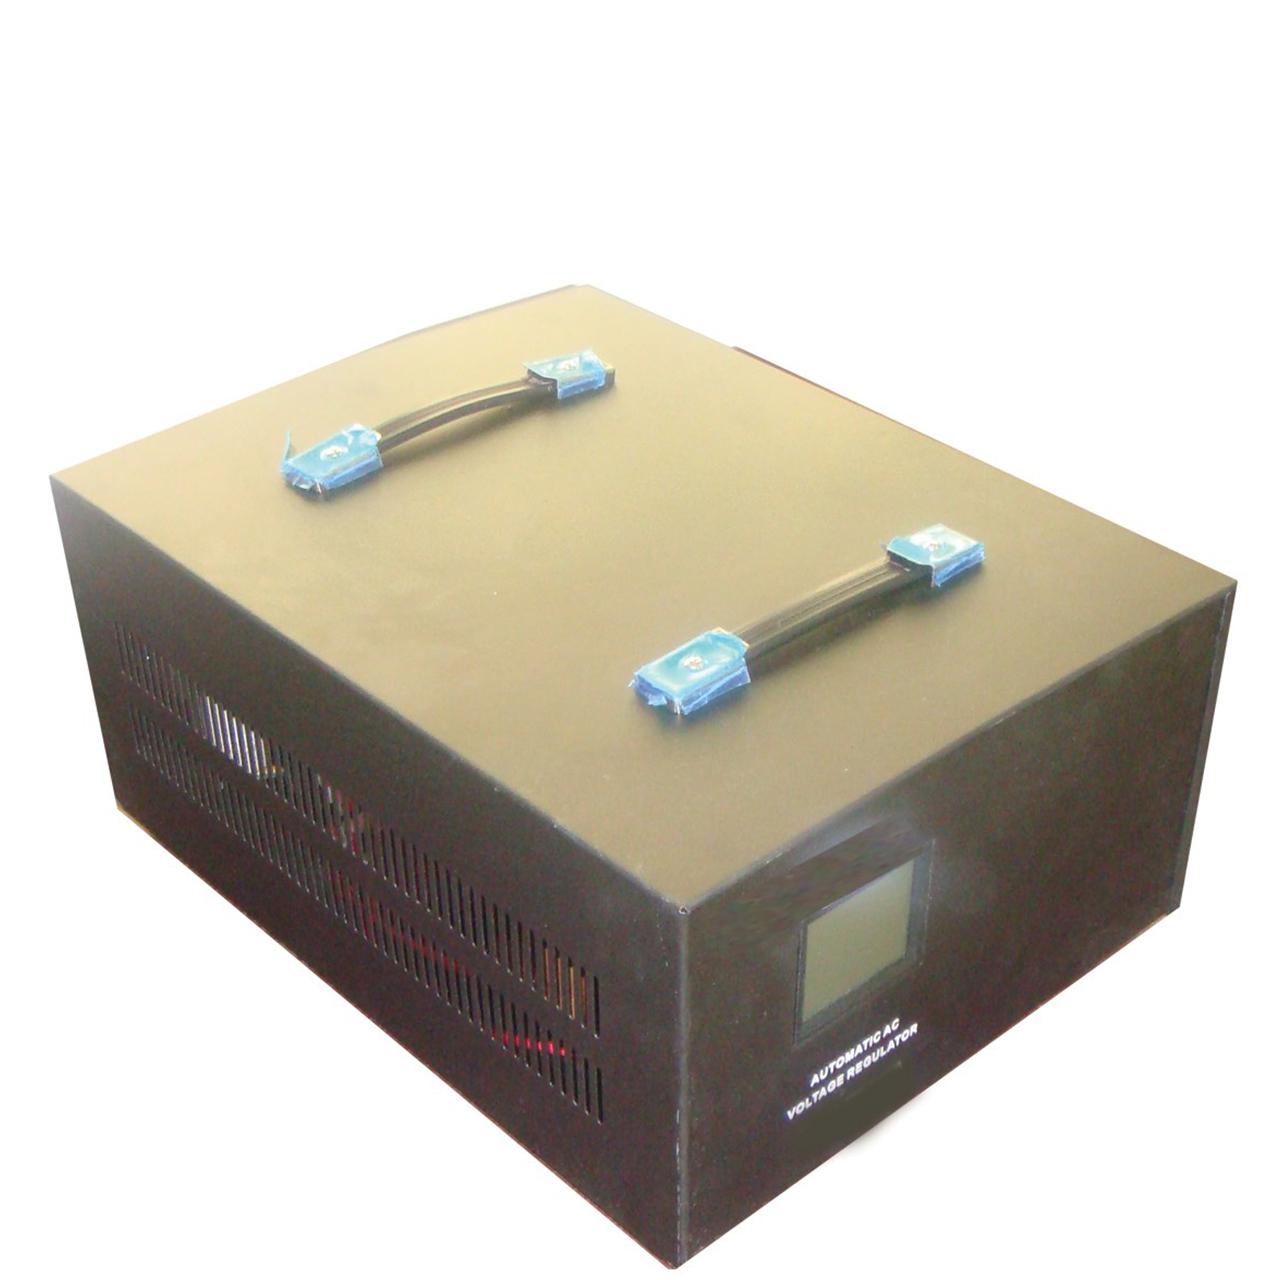 استابیلایزر تکام مدل TS7223-ZTY10KVA   ظرفیت 10000VA